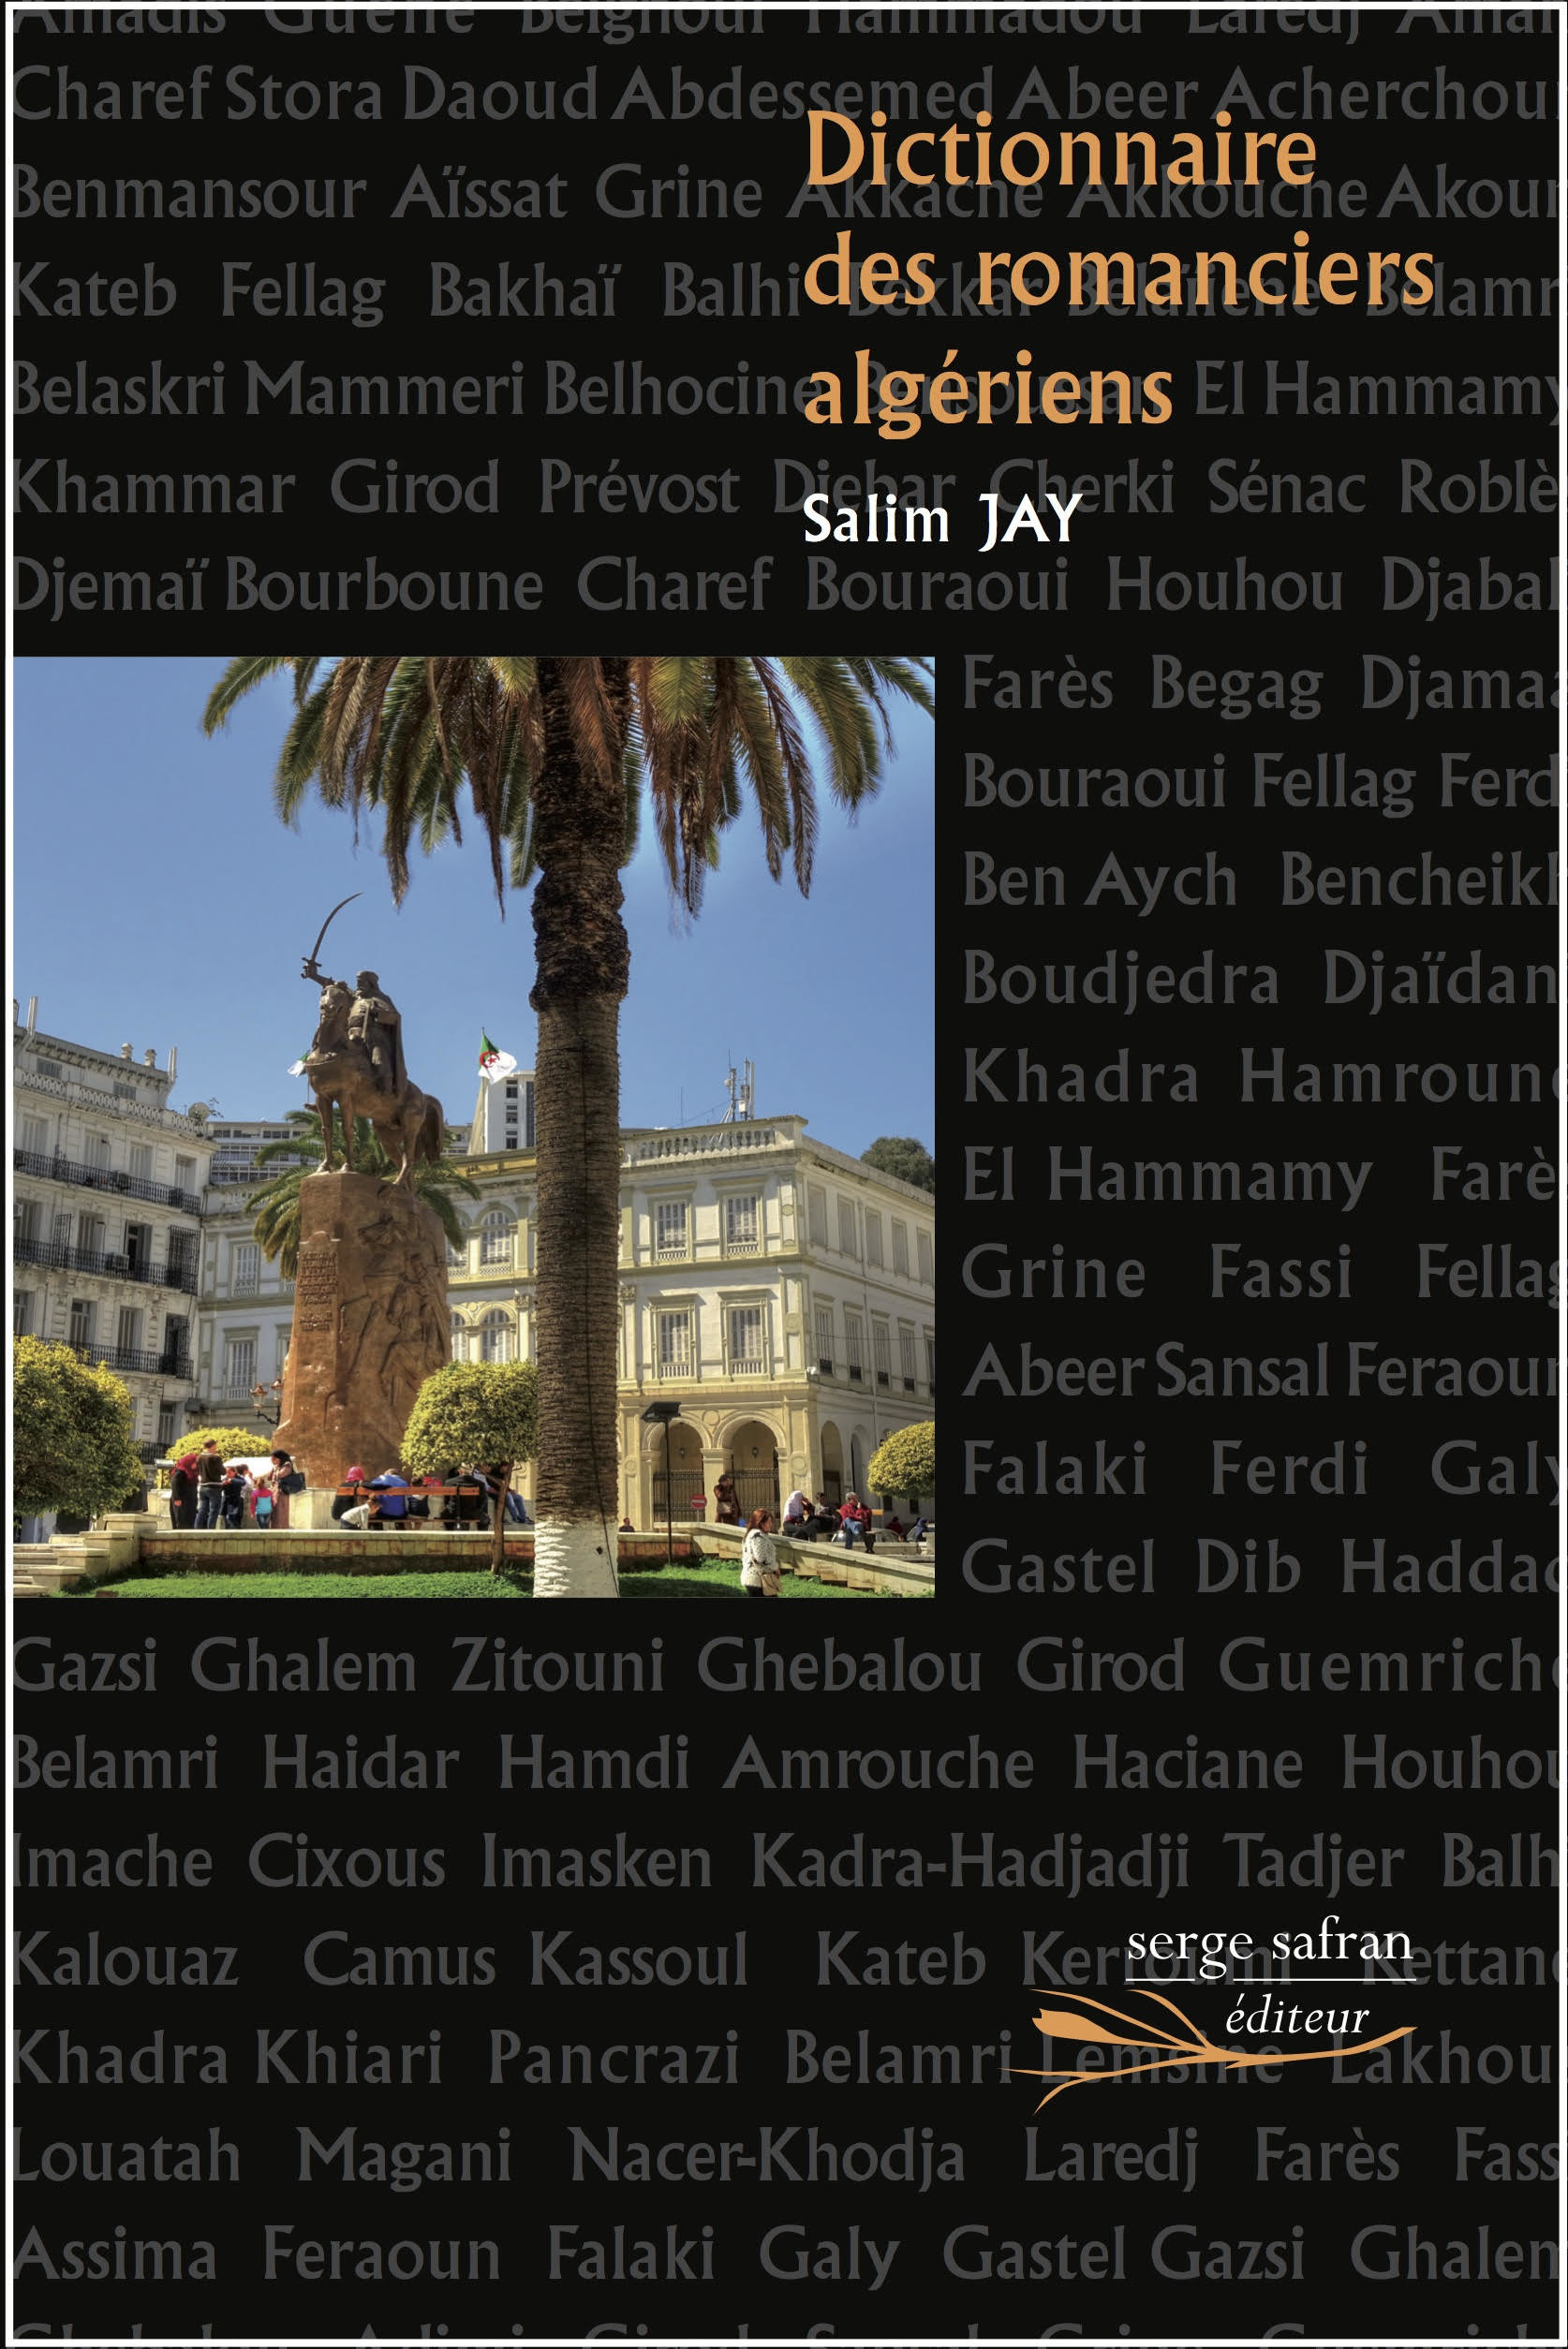 Dictionnaire des romanciers algériens